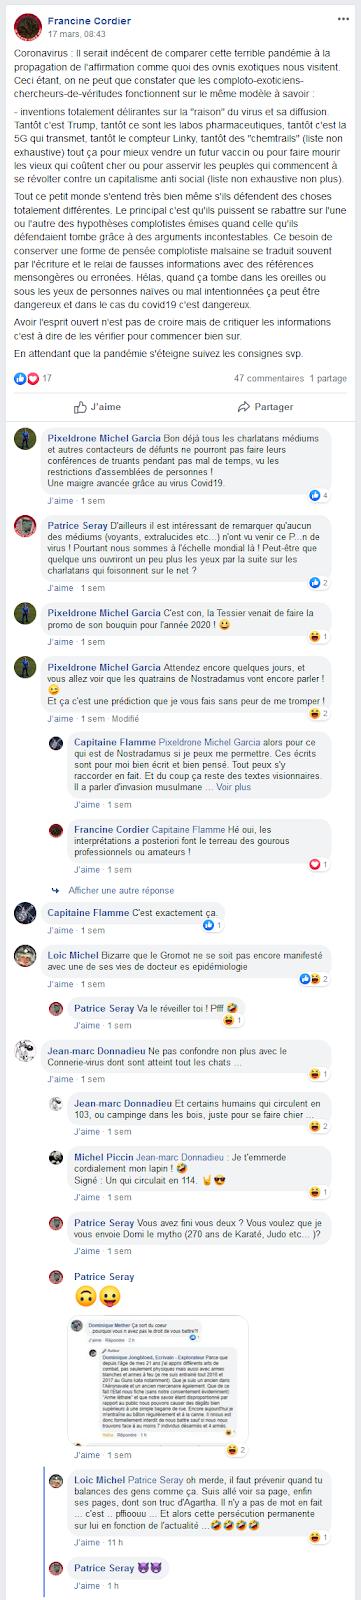 Match Jean-Marc Donnadieu vs Michel Piccin : où ? quand ? dans Calomnie Piccin%2Bvs%2BDonnadieu%2B1%2BUFO%2BSCEPTICISME%2B-%2Bwww.facebook.com